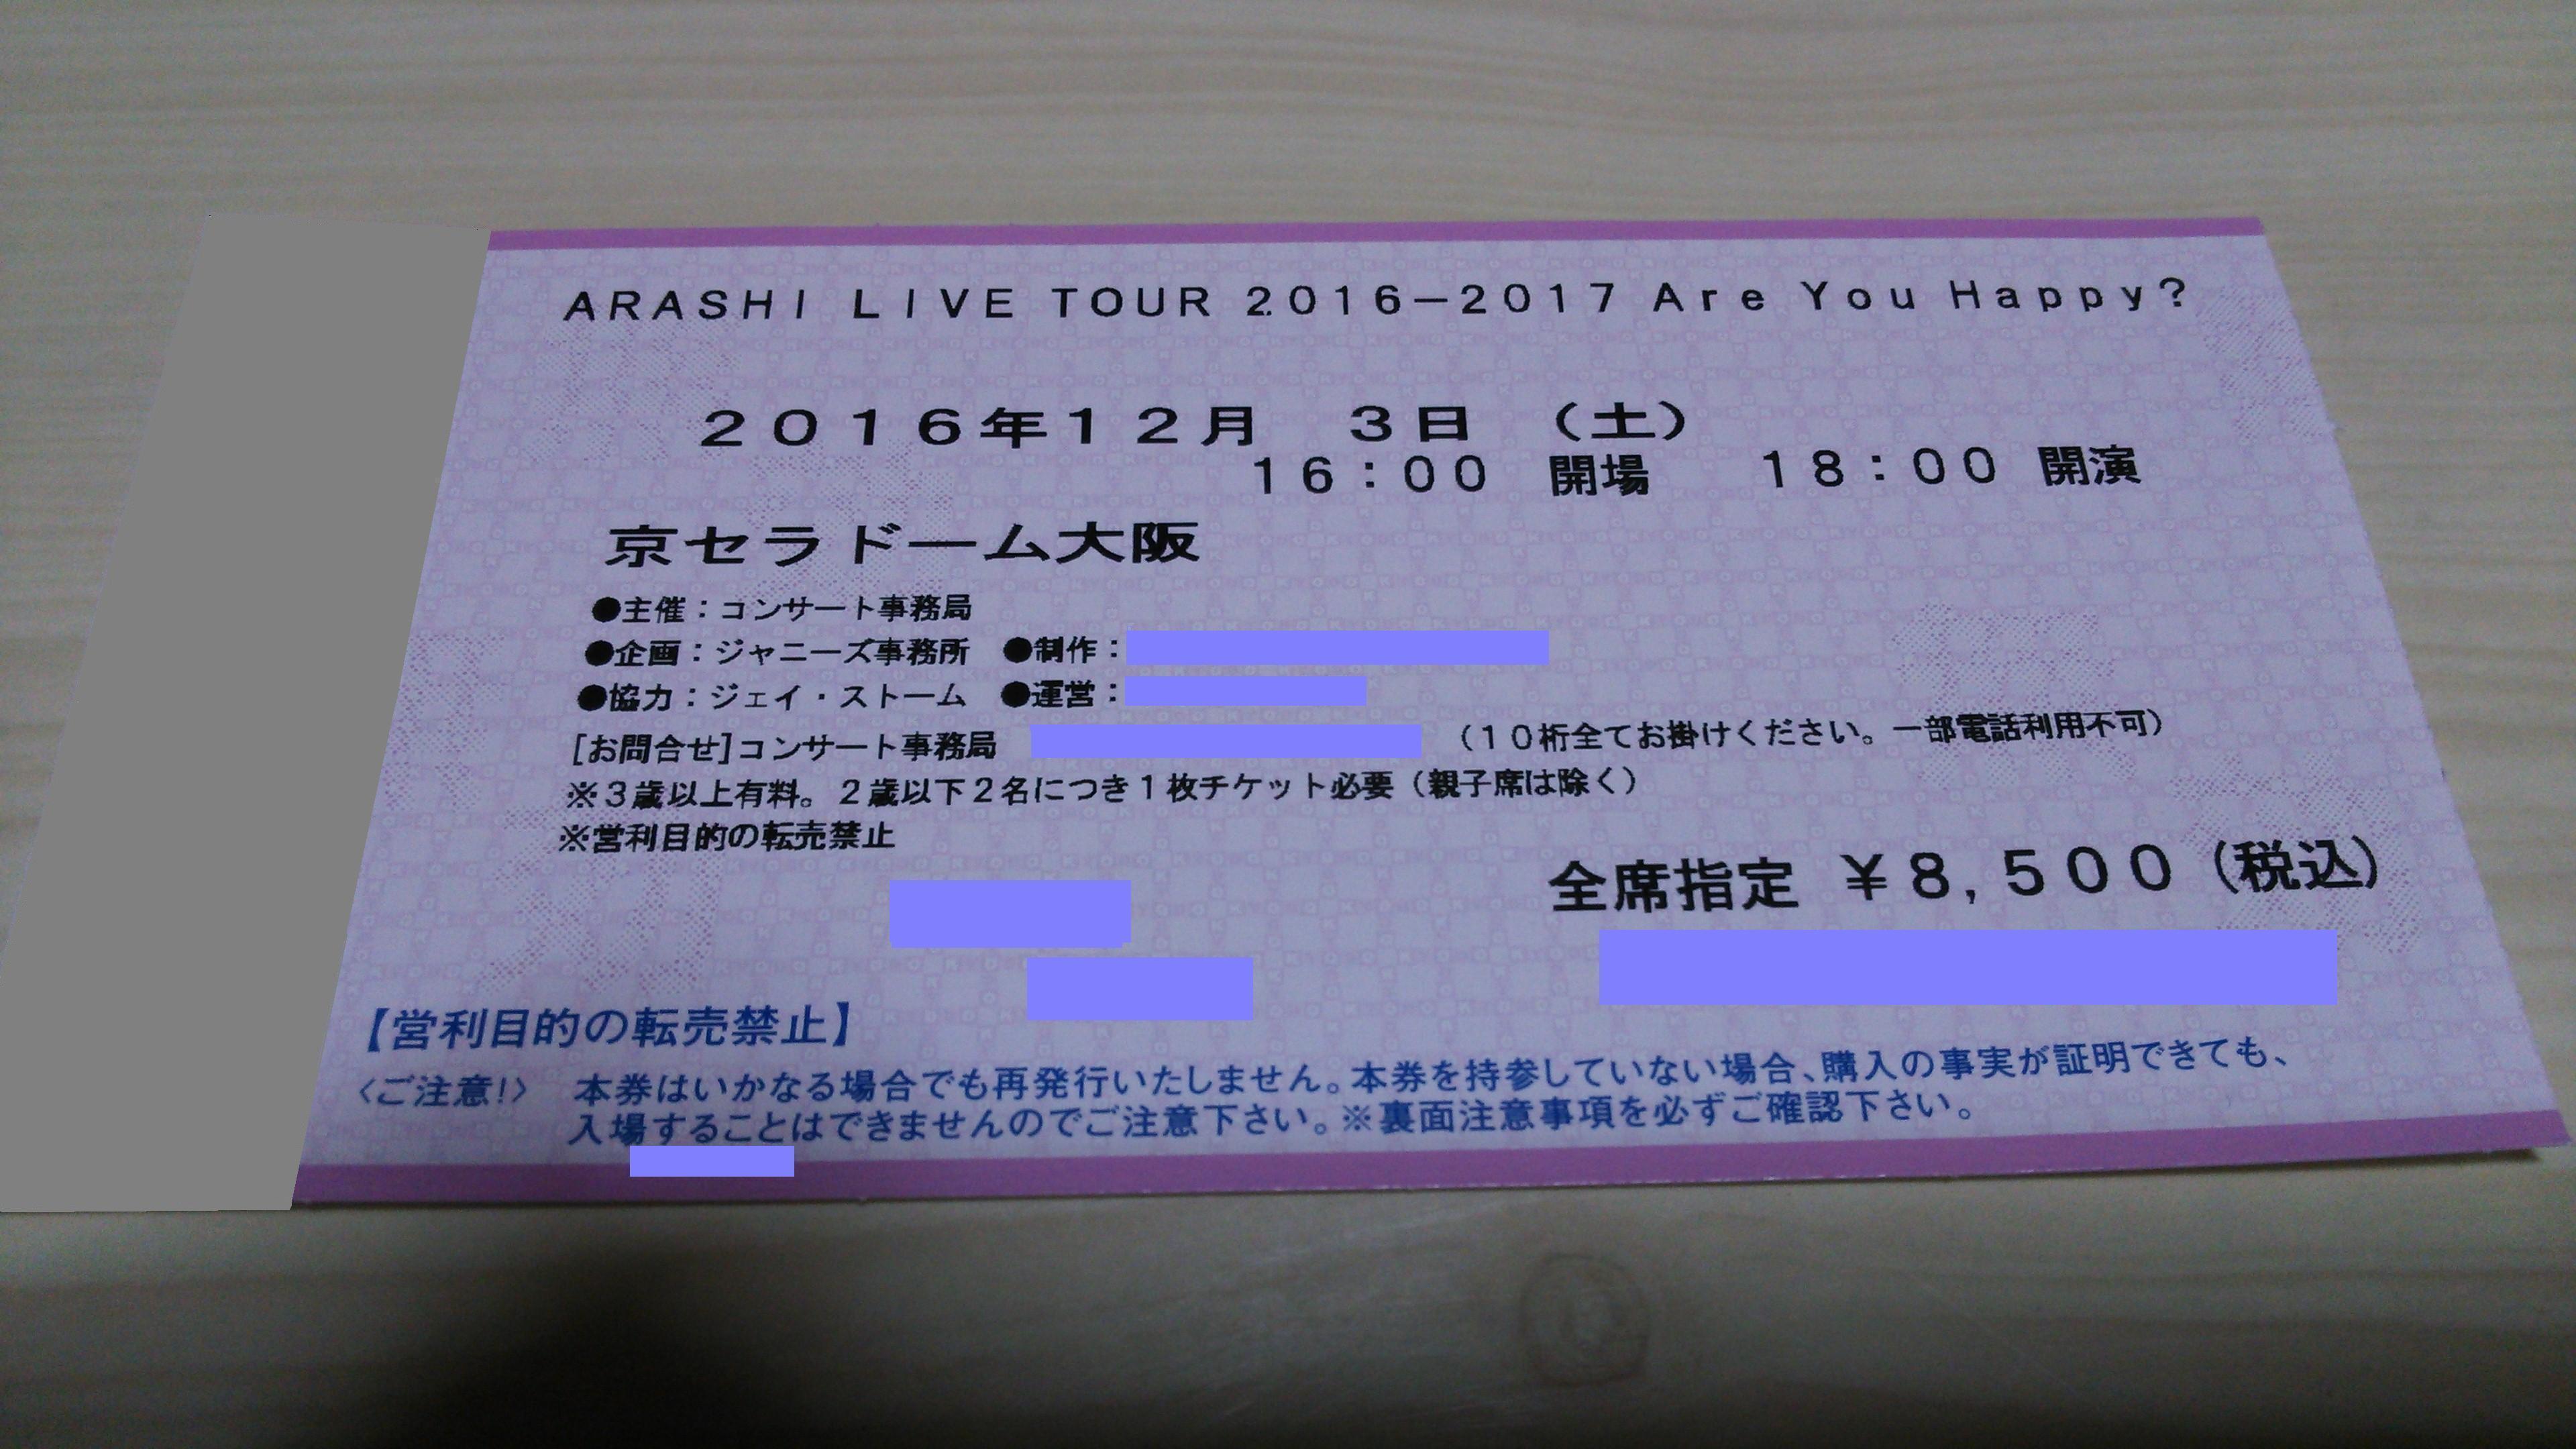 京セラ 嵐 ドーム ライブ